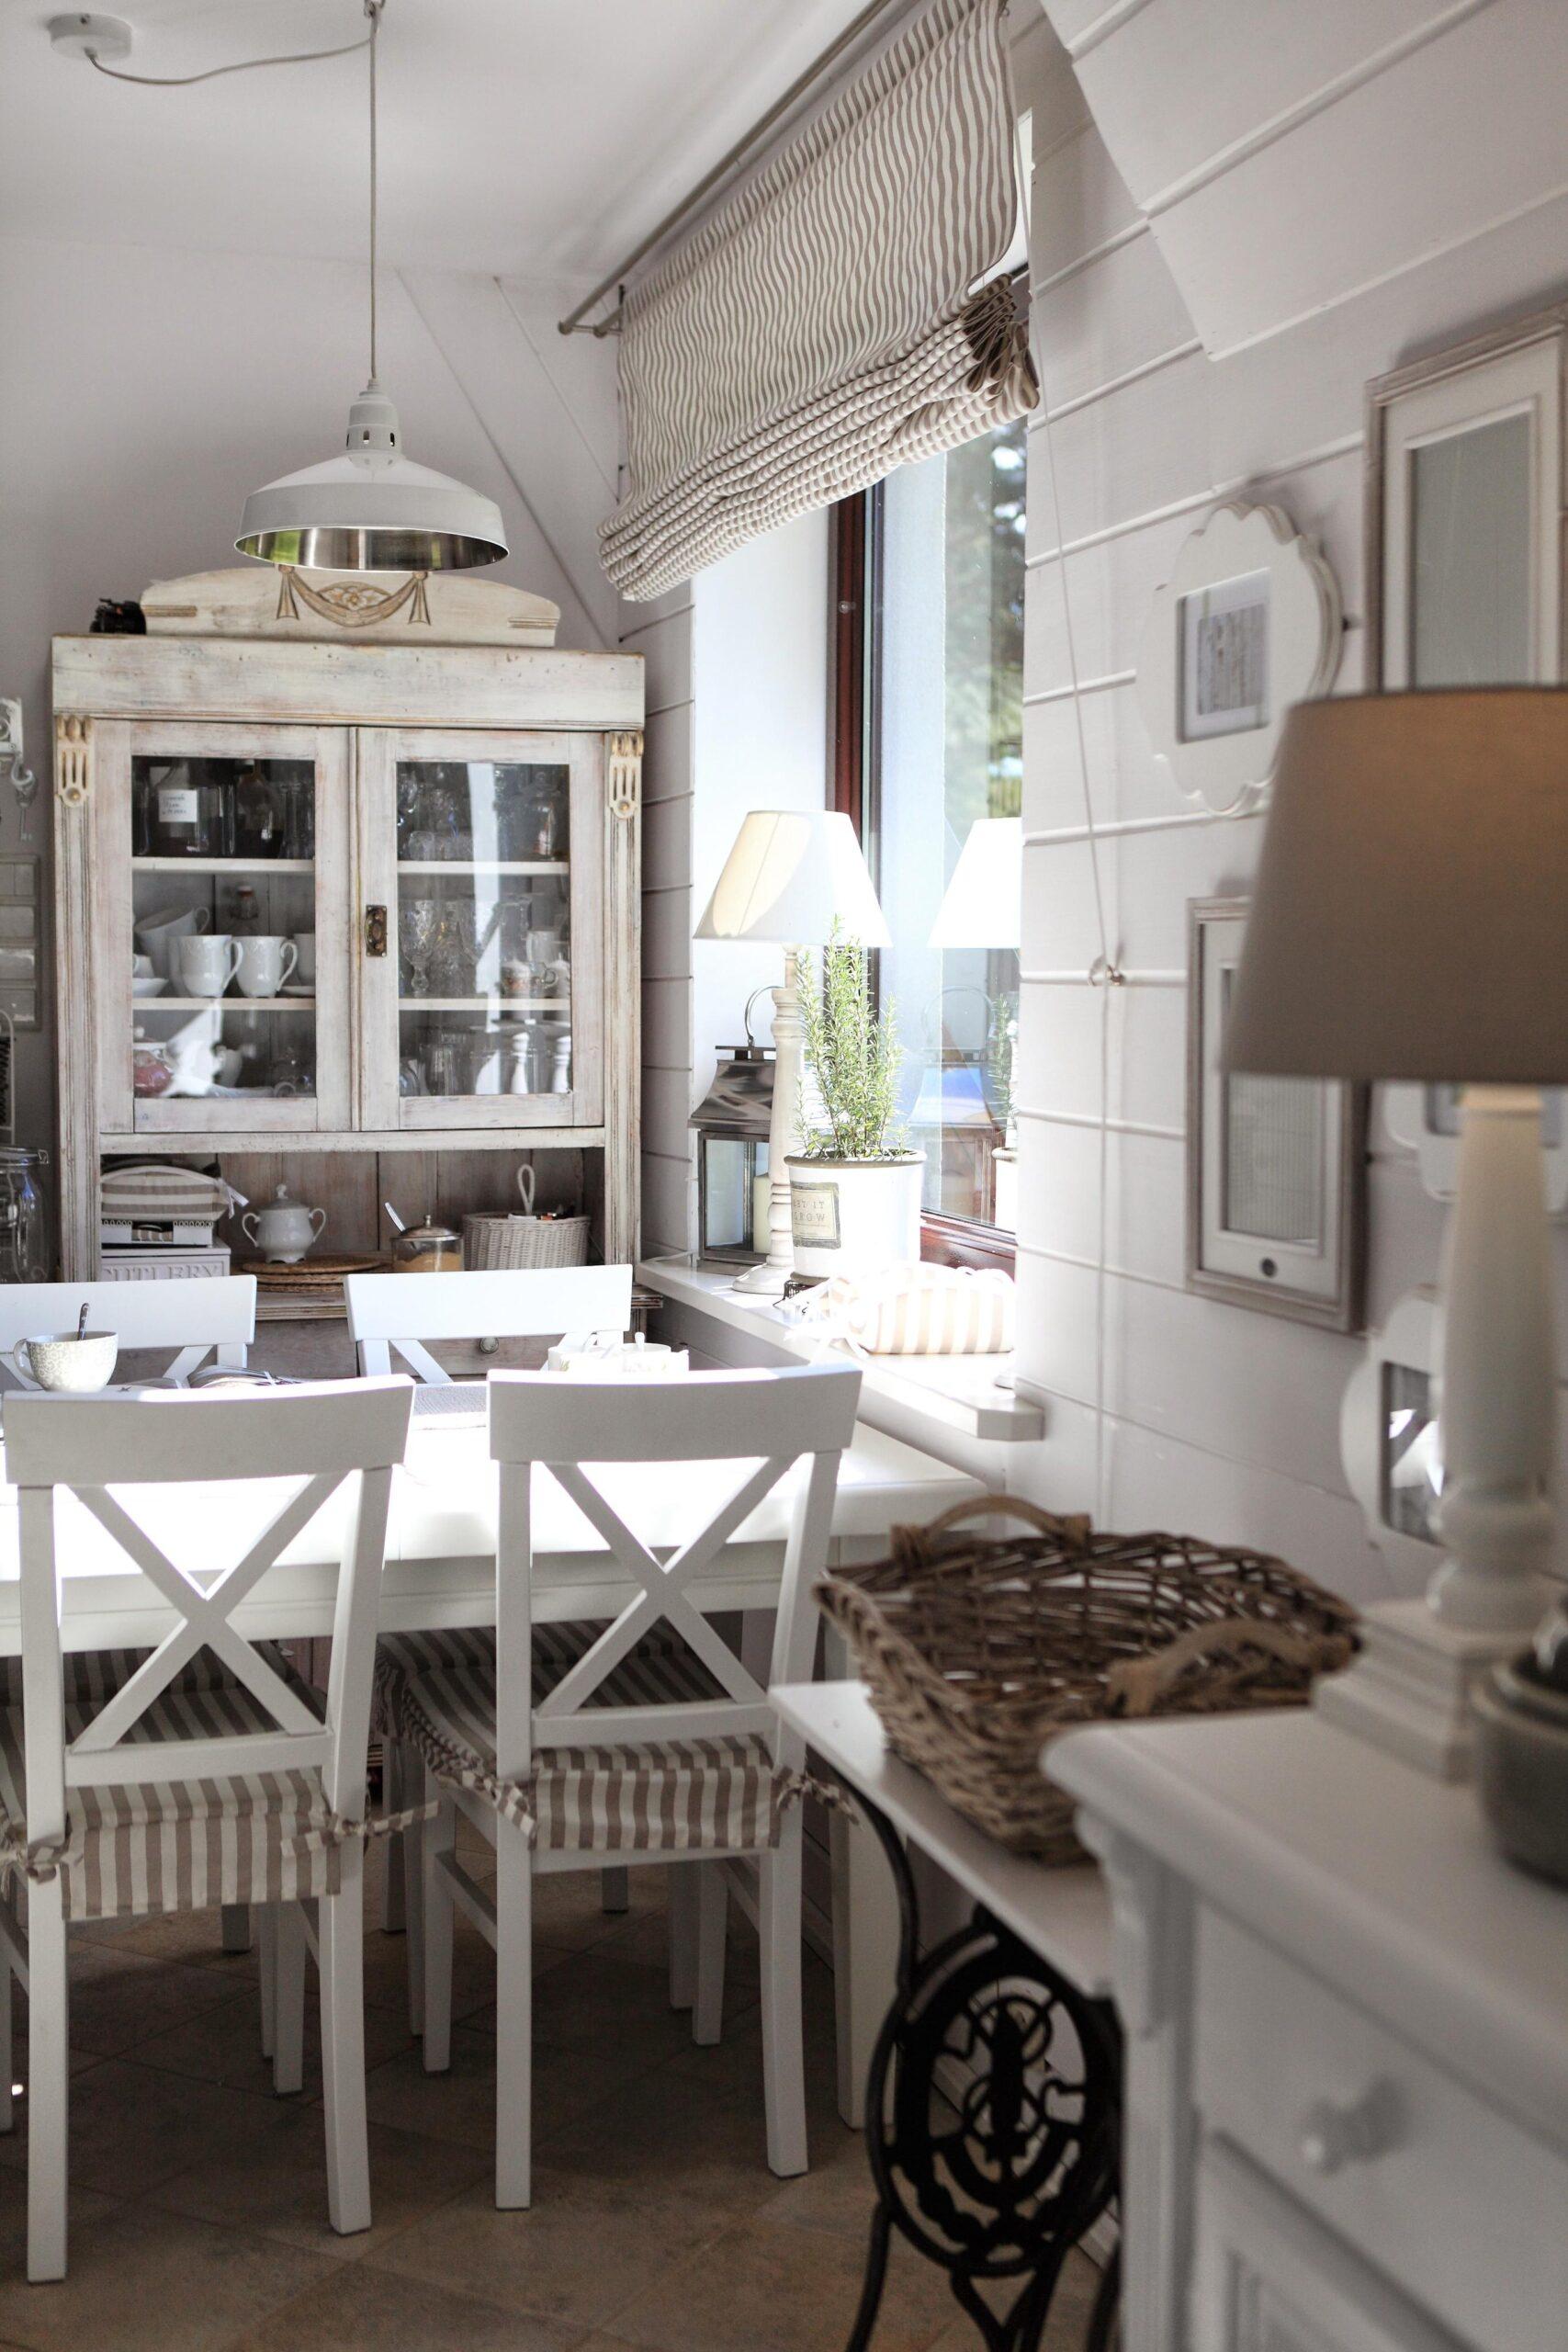 Full Size of Raffrollo Küchenfenster Bilder Ideen Couch Küche Wohnzimmer Raffrollo Küchenfenster